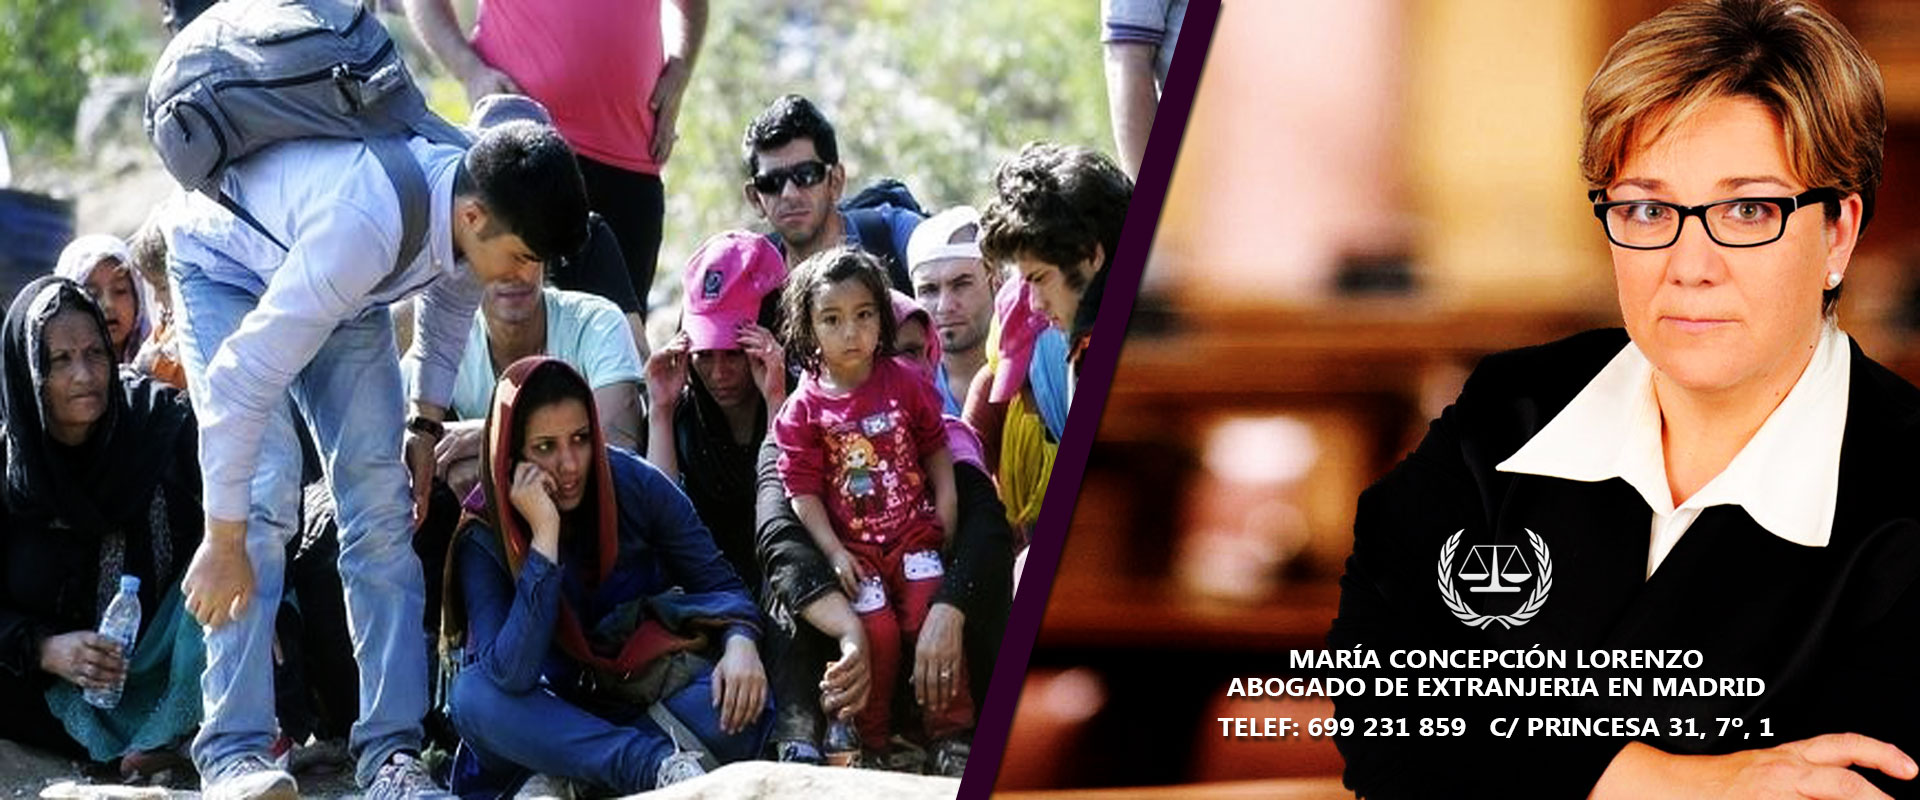 abogado extranjeria en madrid - asilo y refugio